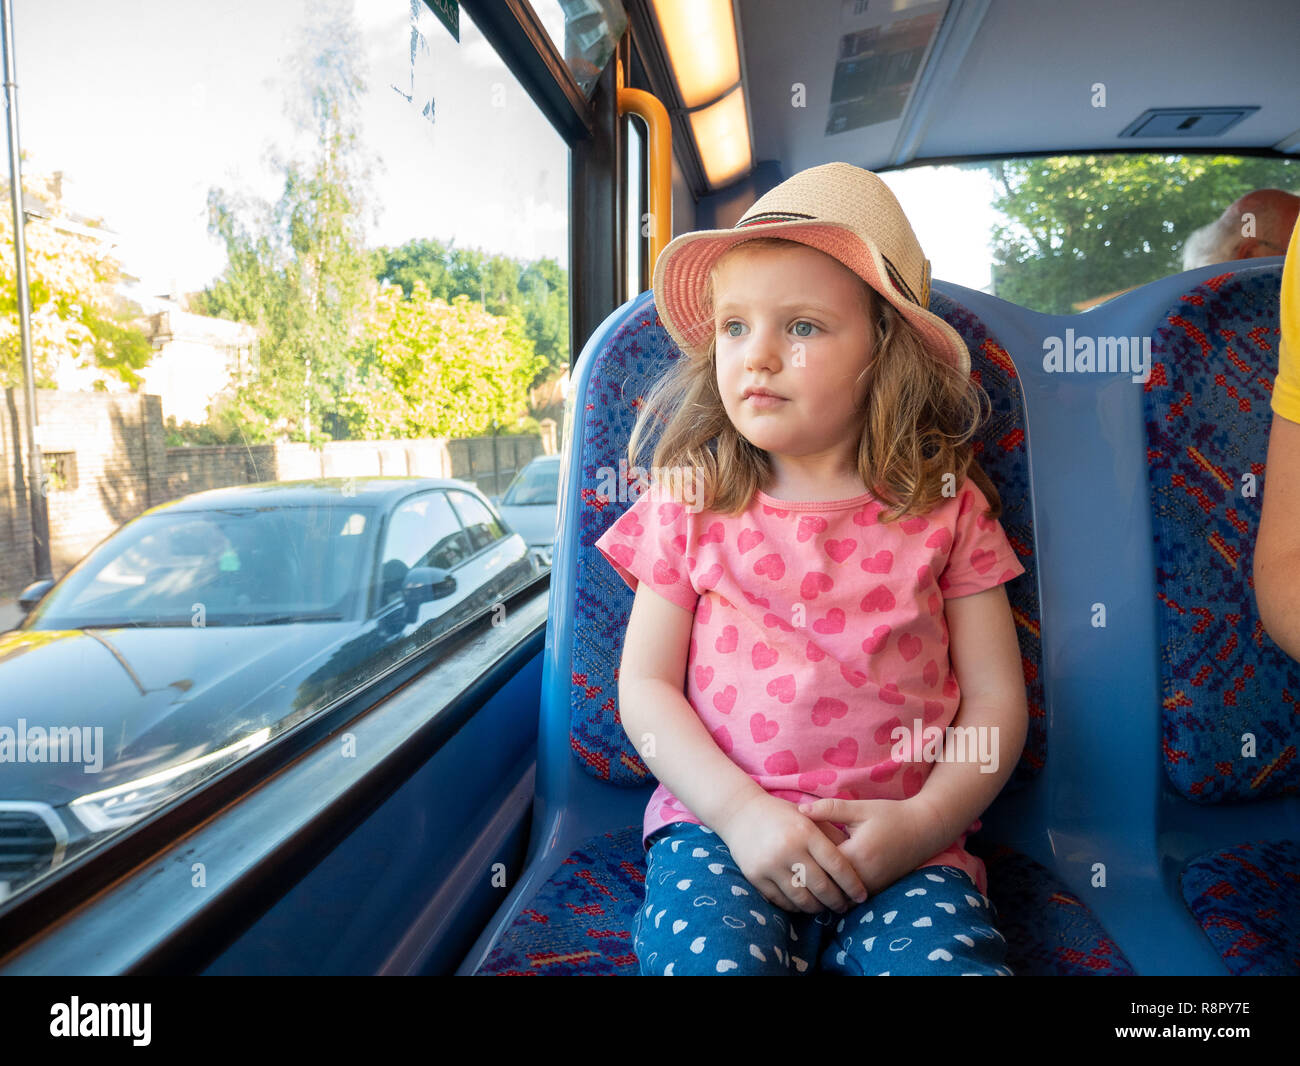 Jeune fillette de trois ans voyageant par autobus, London, UK Photo Stock